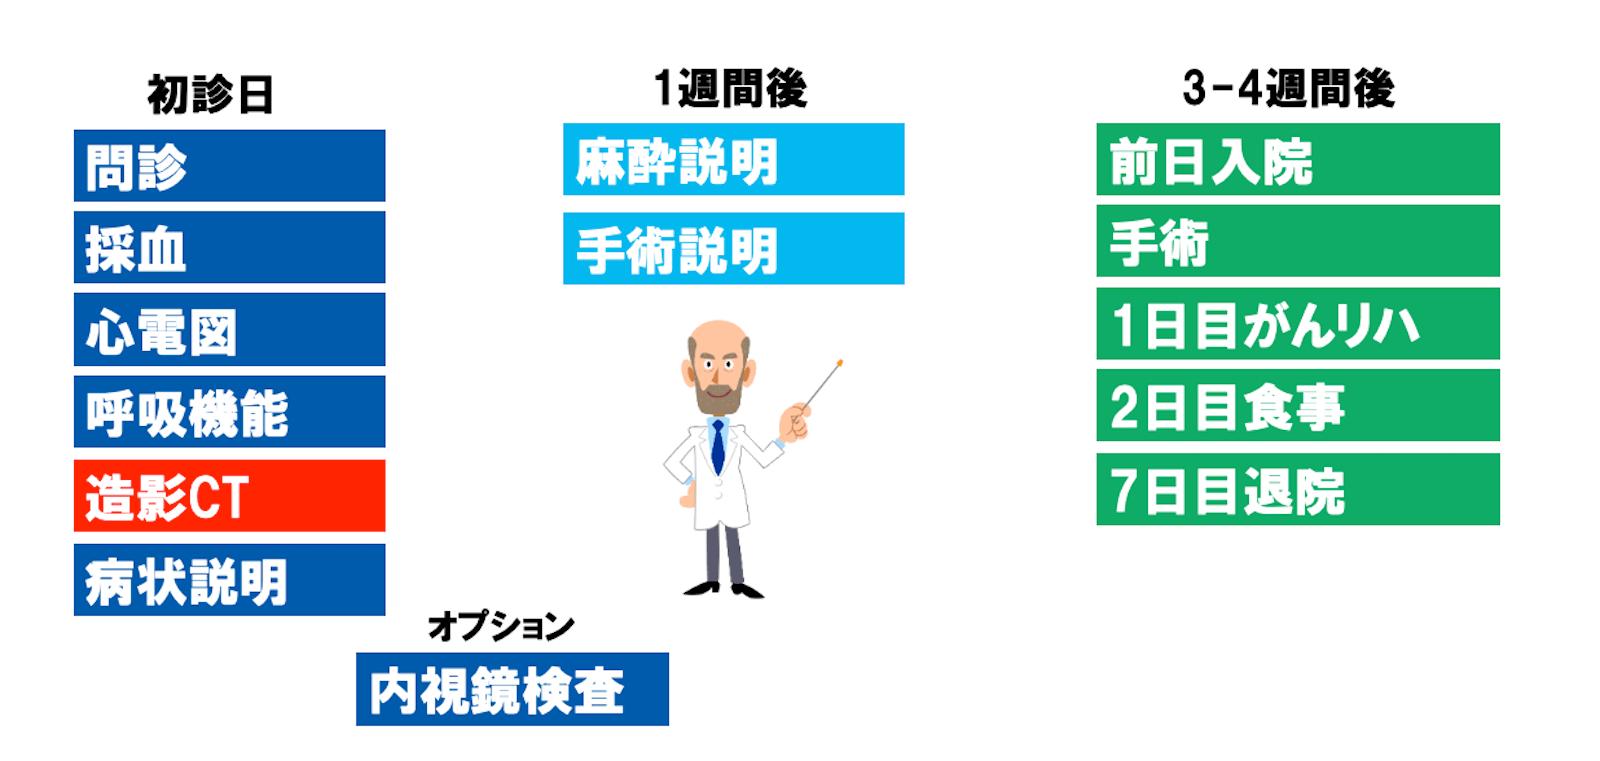 大腸がんの術前から術後までの流れ